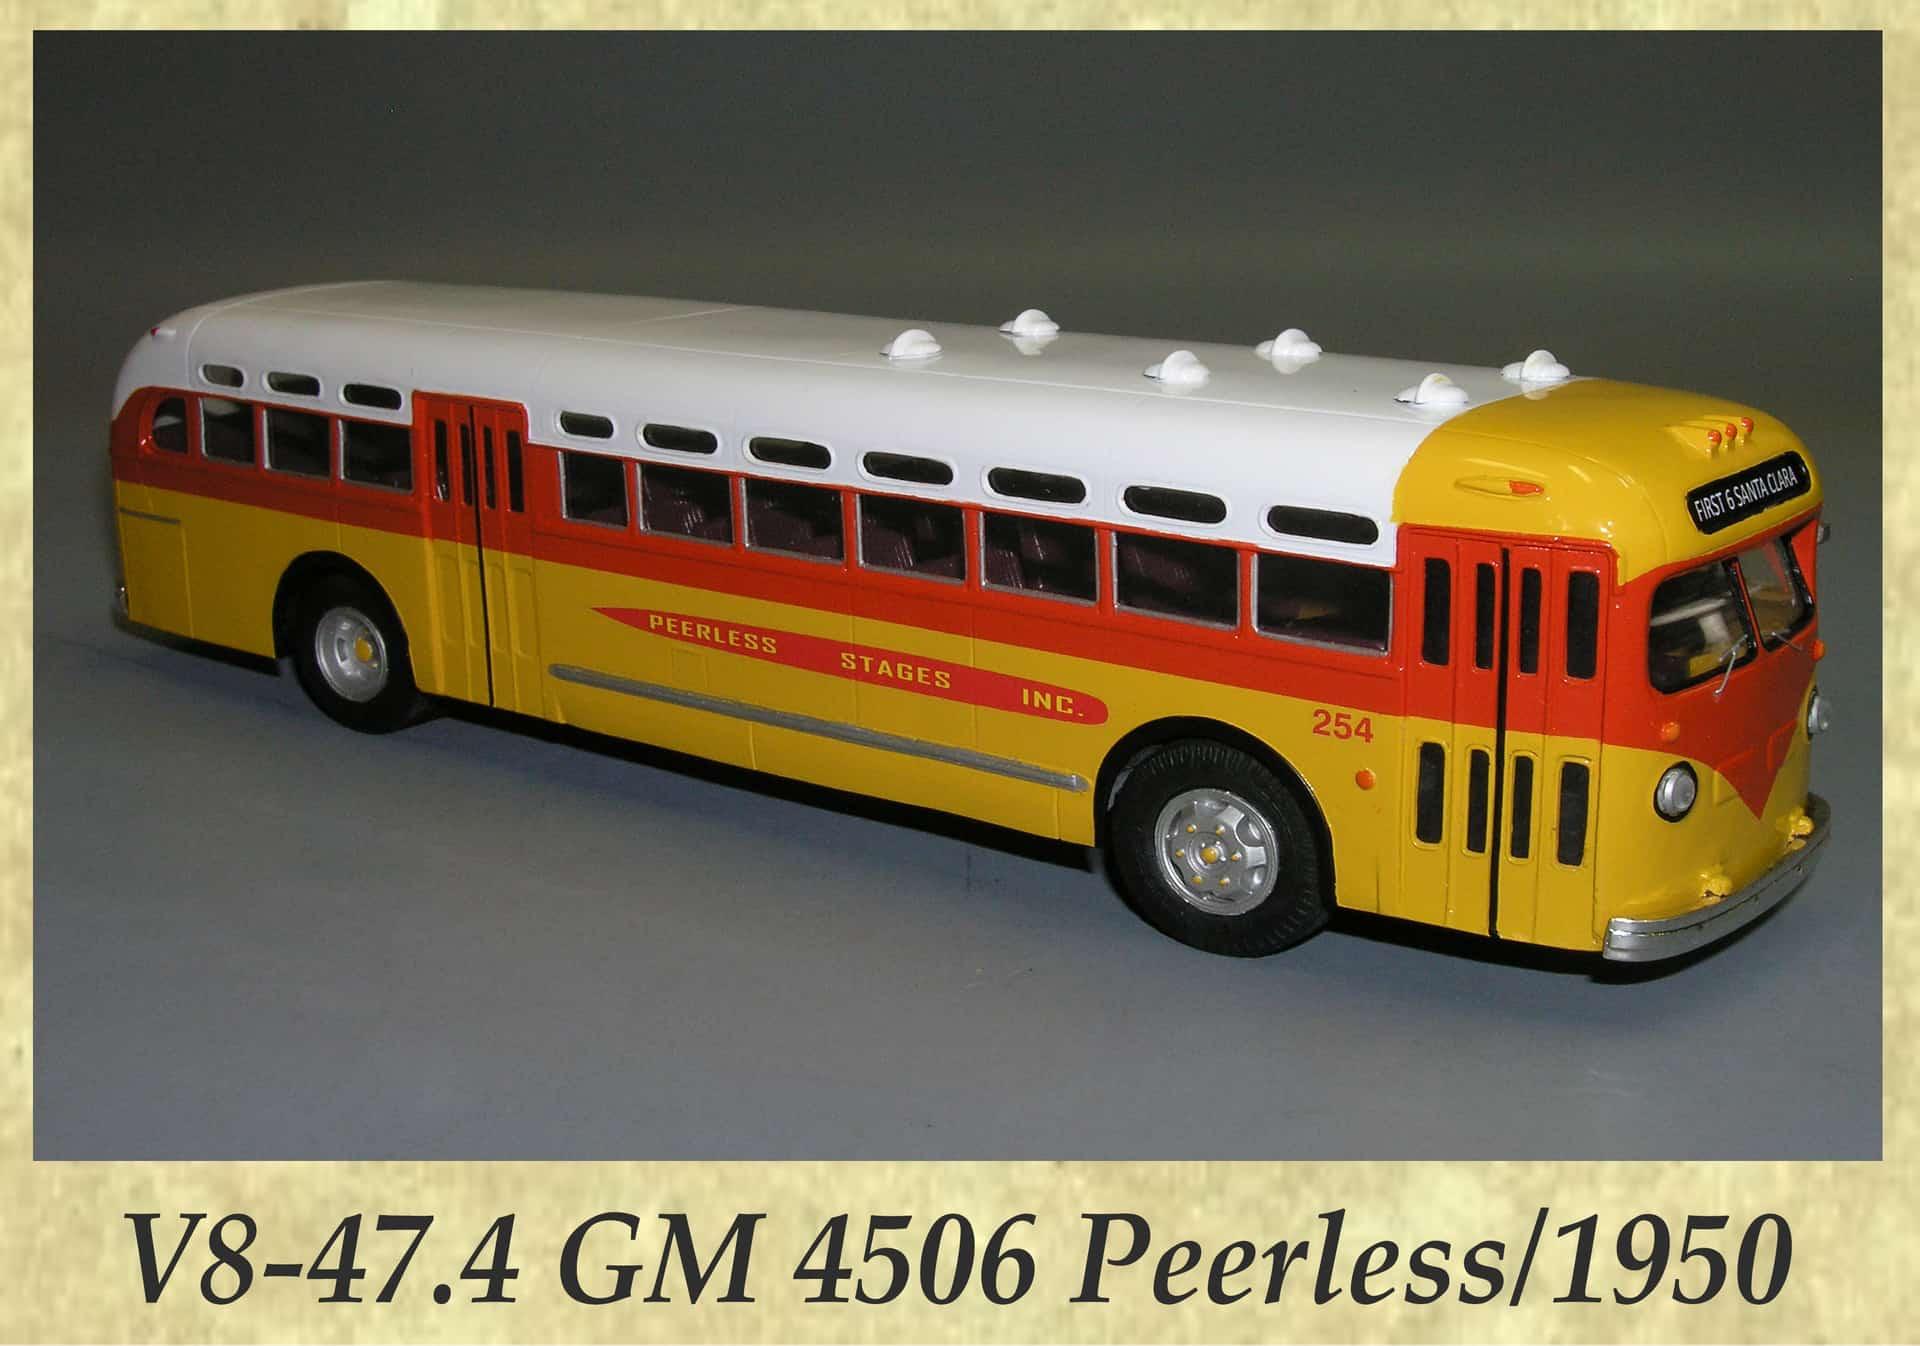 V8-47.4 GM 4506 Peerless 1950